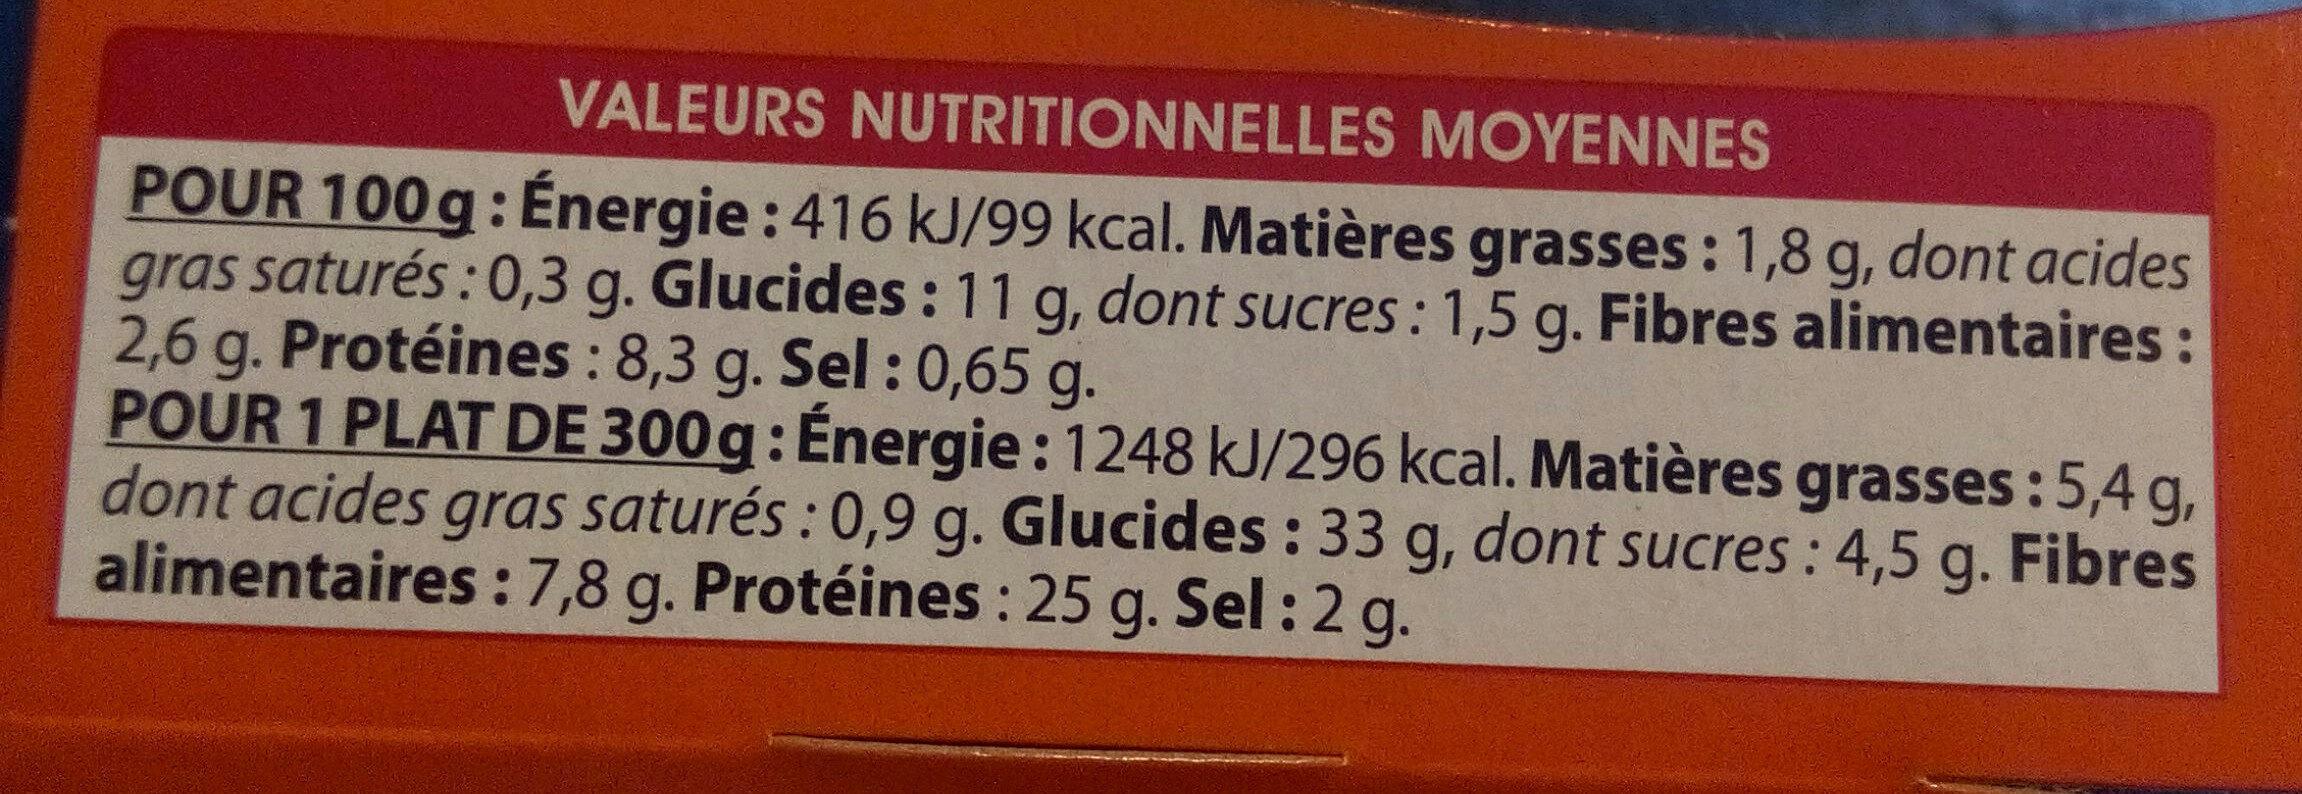 Lentilles cuisinees poulet et petits egumes - Nutrition facts - fr